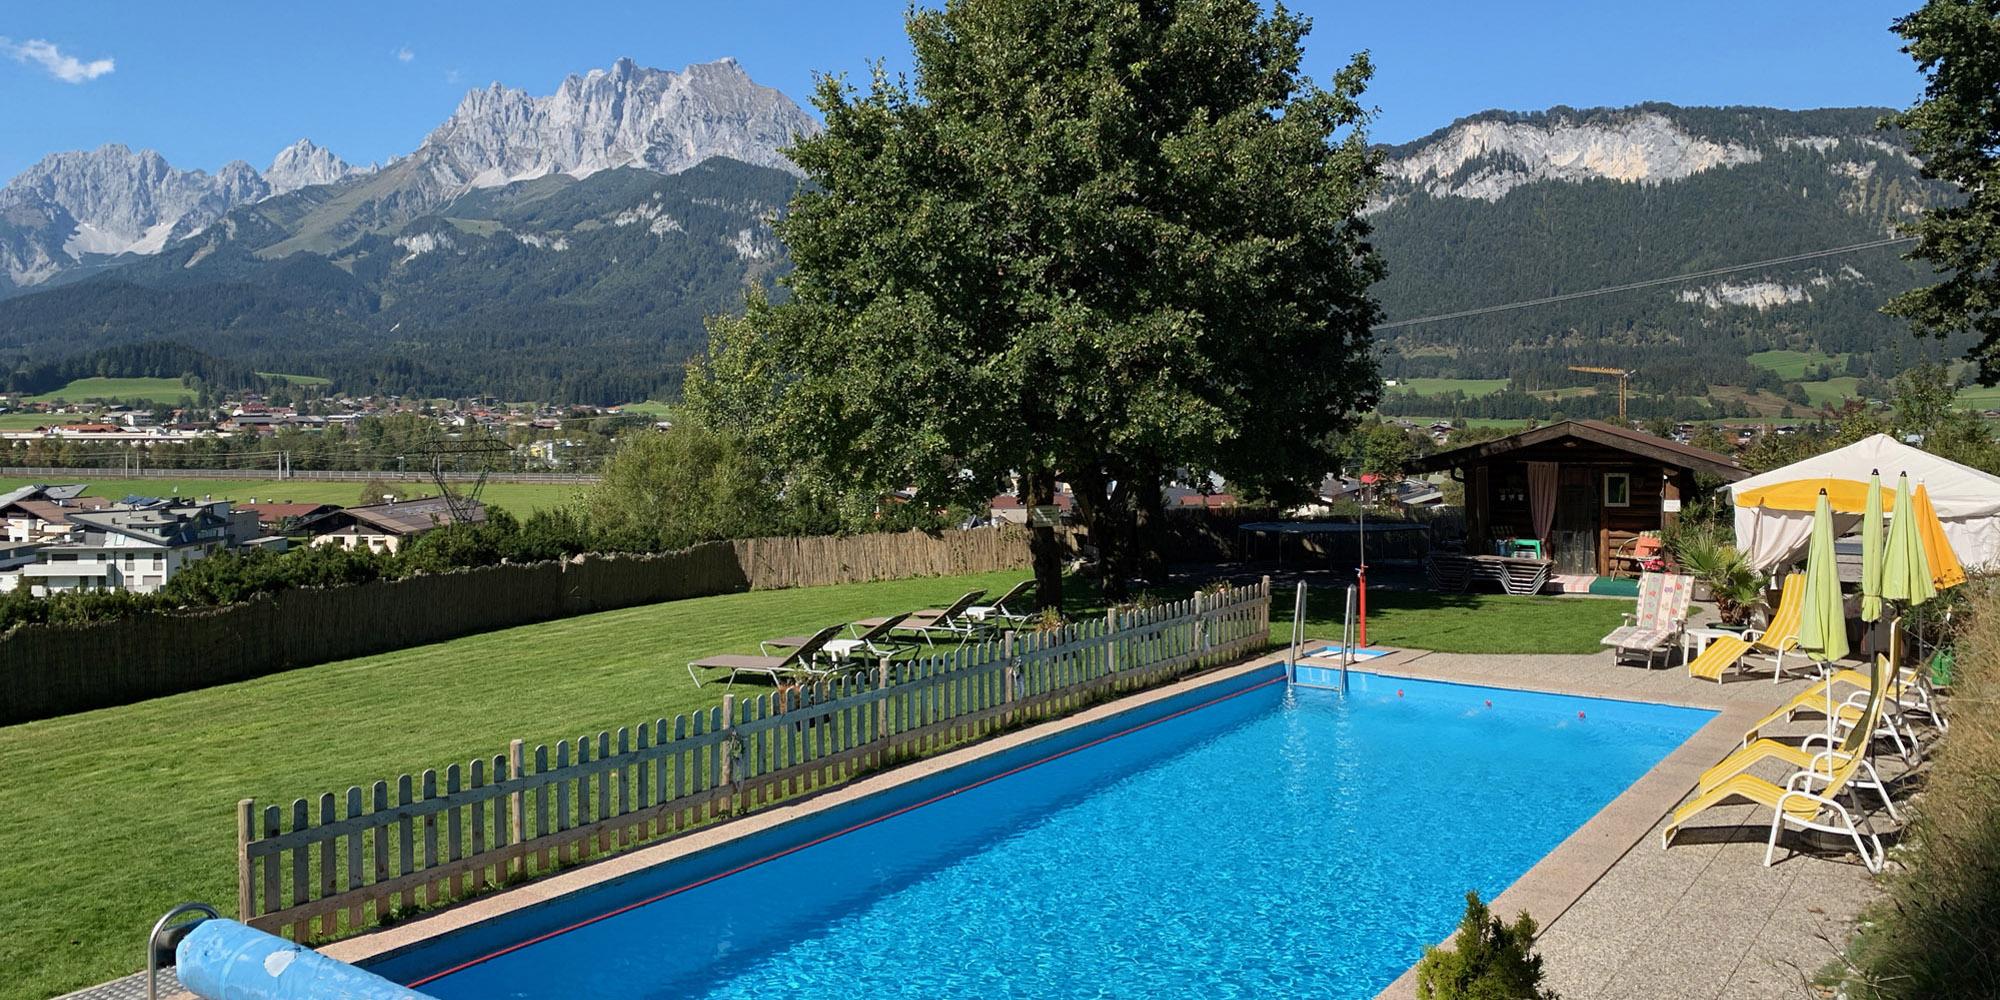 Ferienwohnung St. Johann in Tirol beheizter Außenpool Familienurlaub